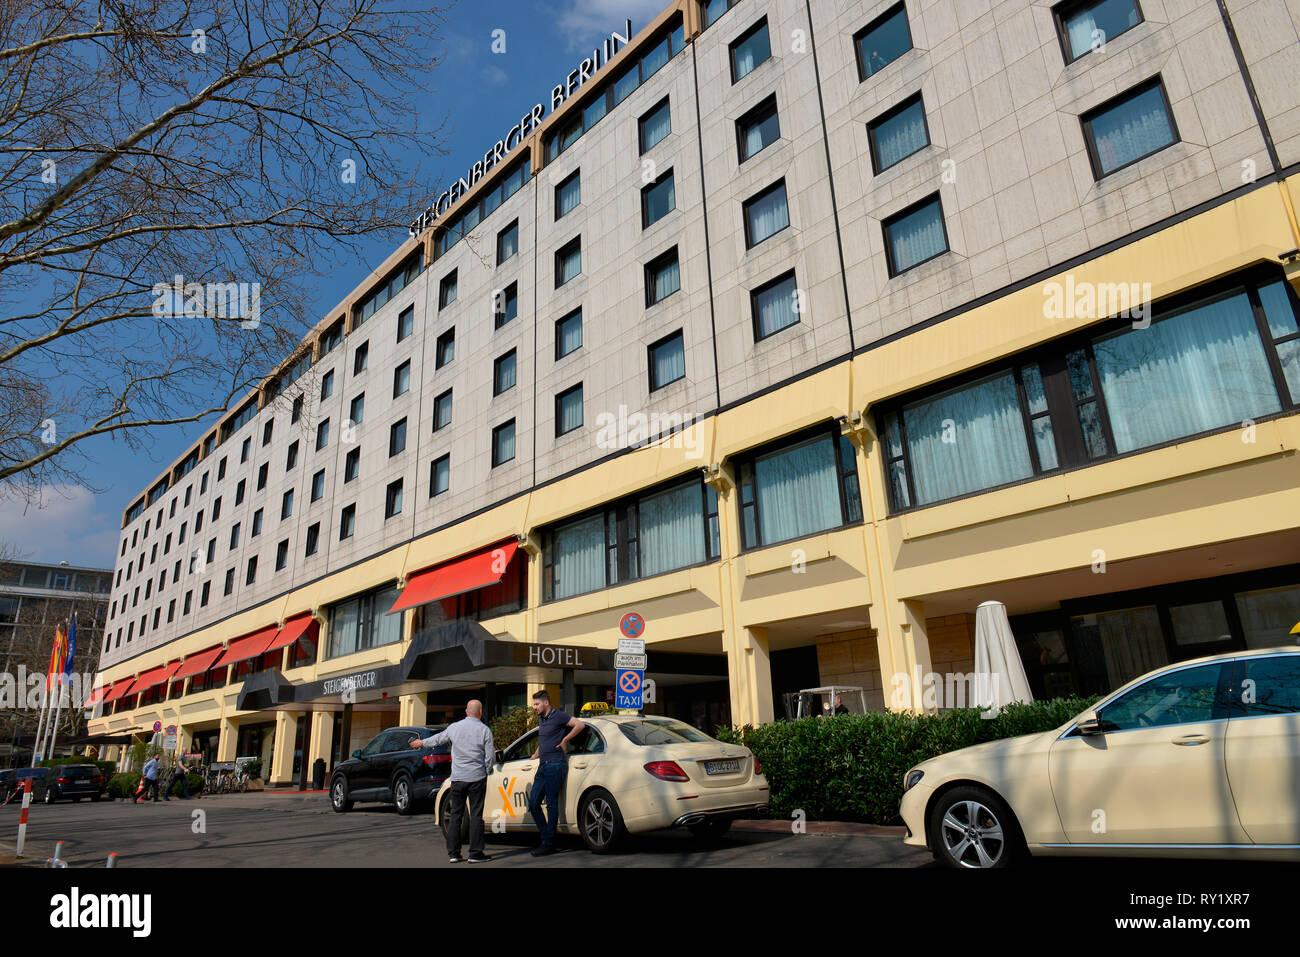 Hotel Steigenberger, Los Angeles Platz, Charlottenburg, Berlin Deutschland - Stock Image